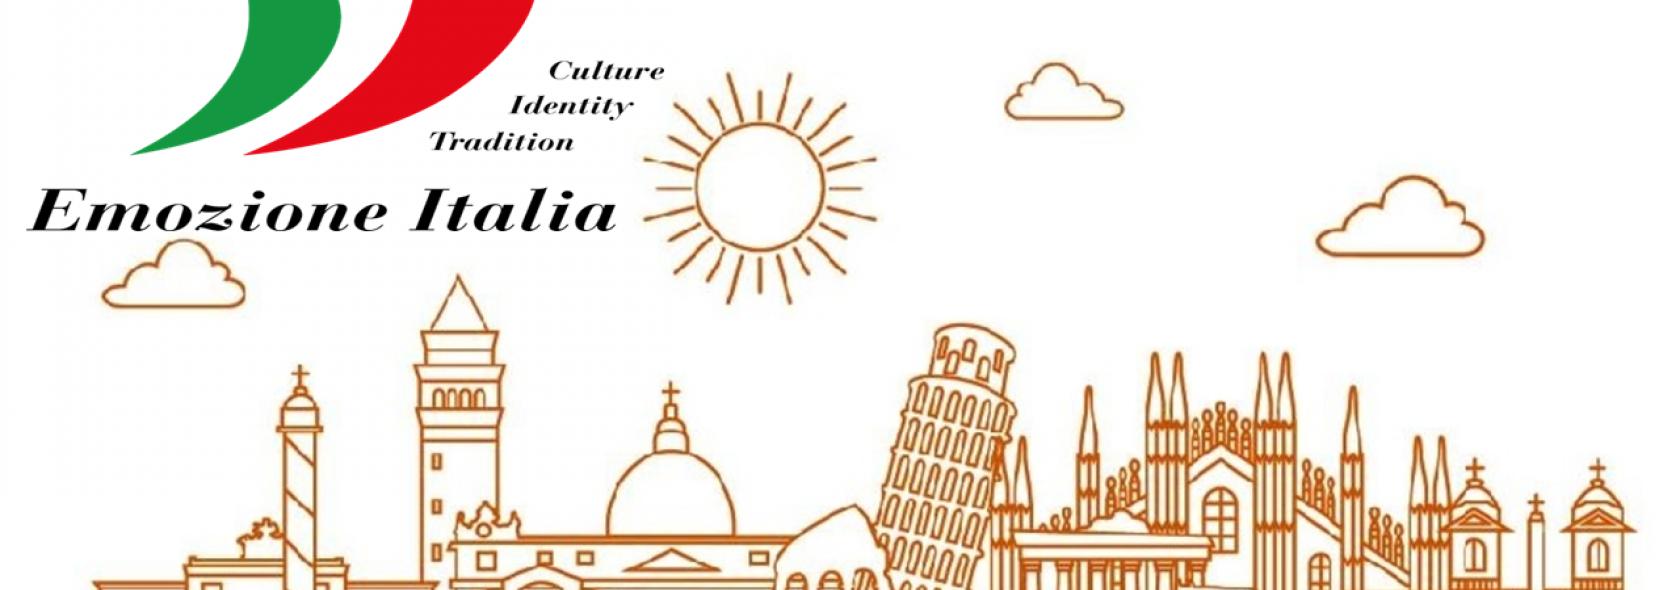 Emozione Italia: Vieni a Genova e visita la città in compagnia di un amico